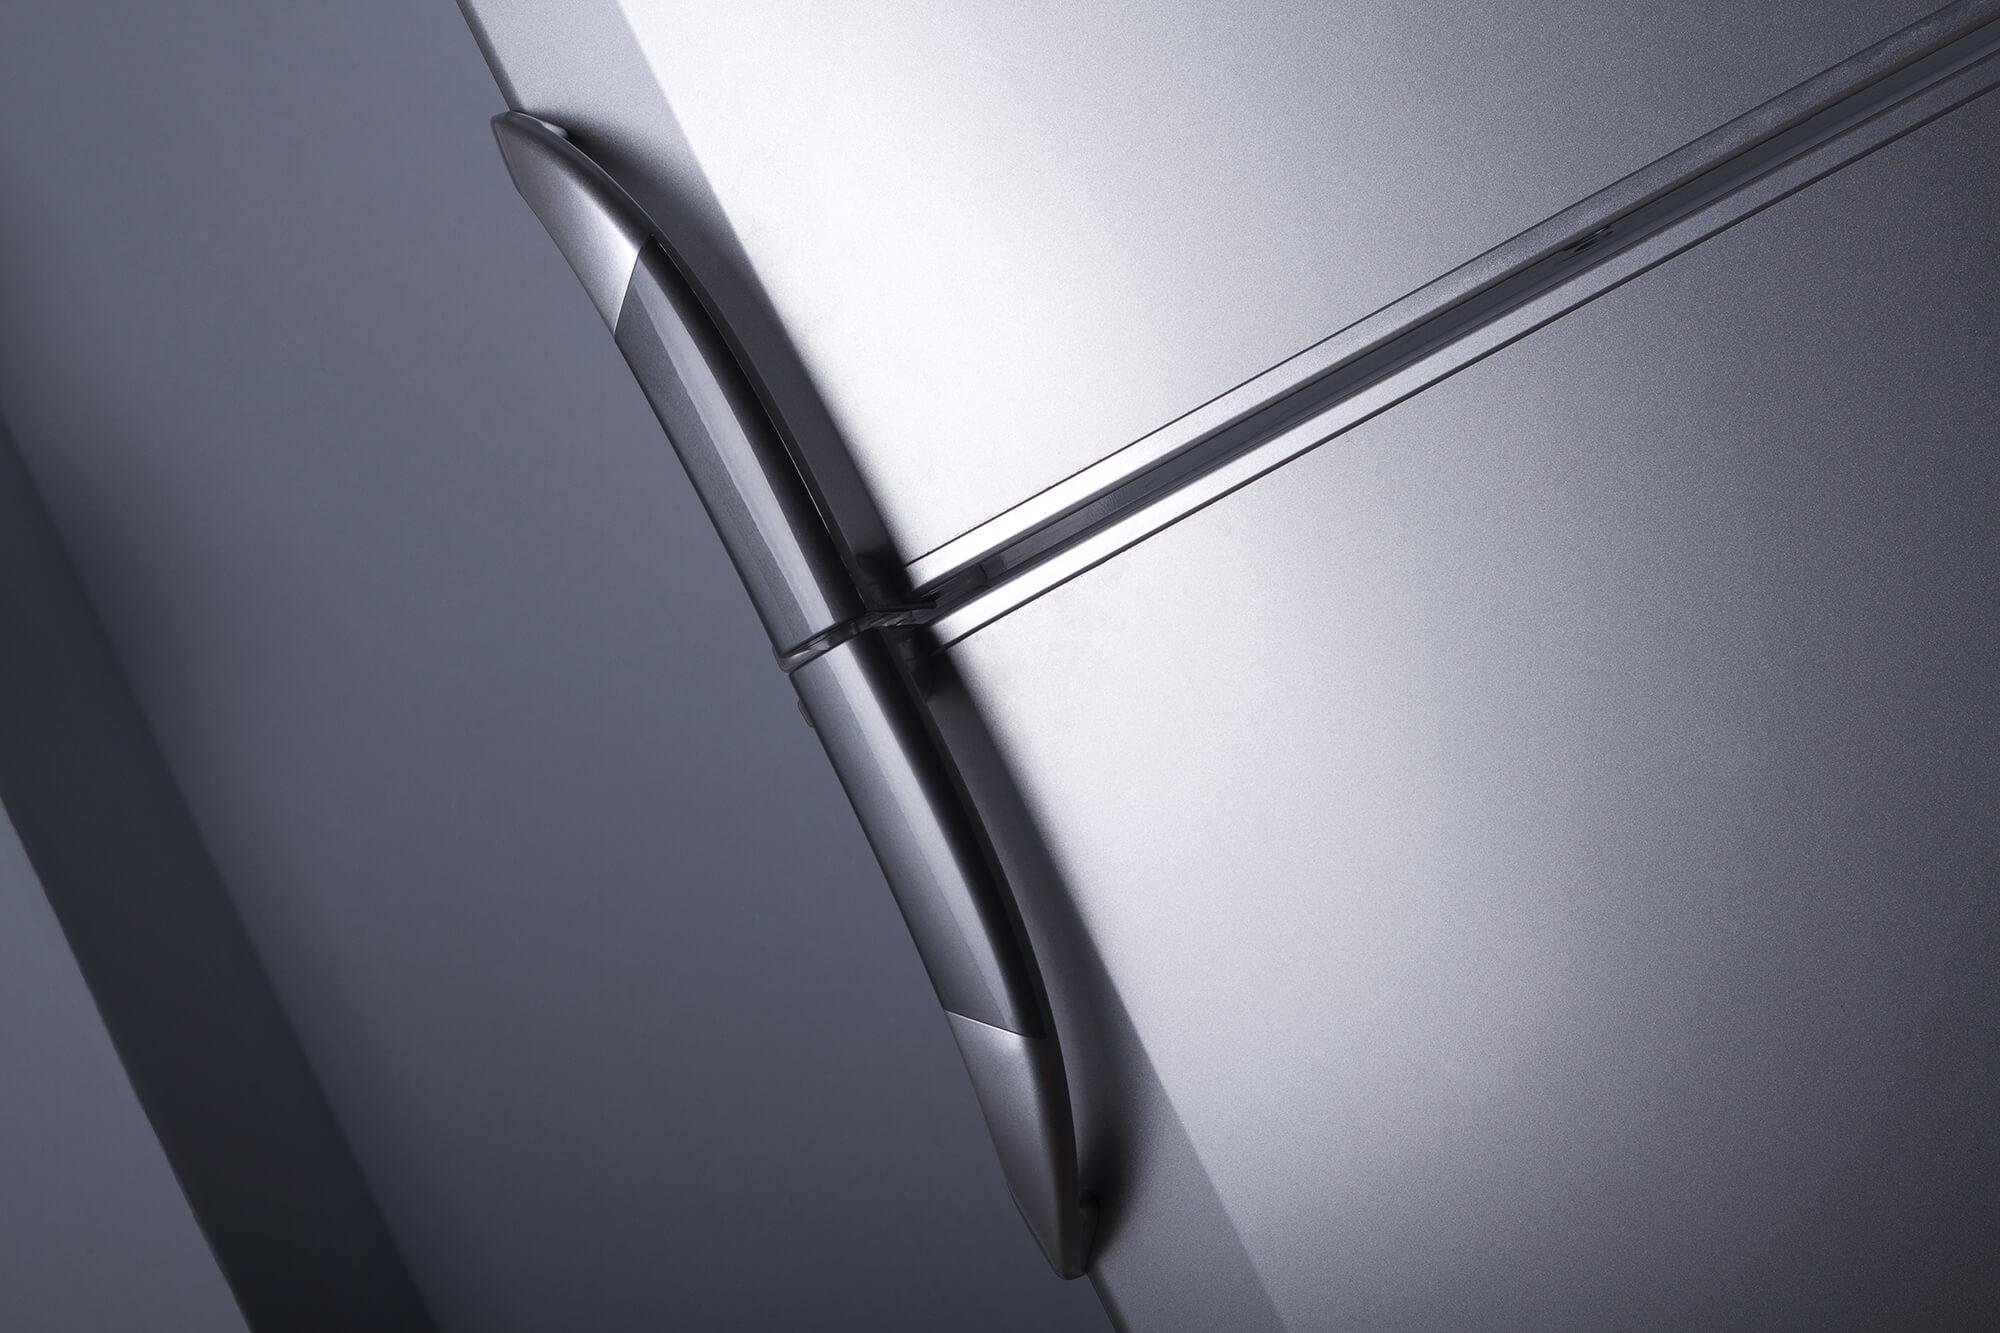 WEMO referenzen für Kühlschranktüren